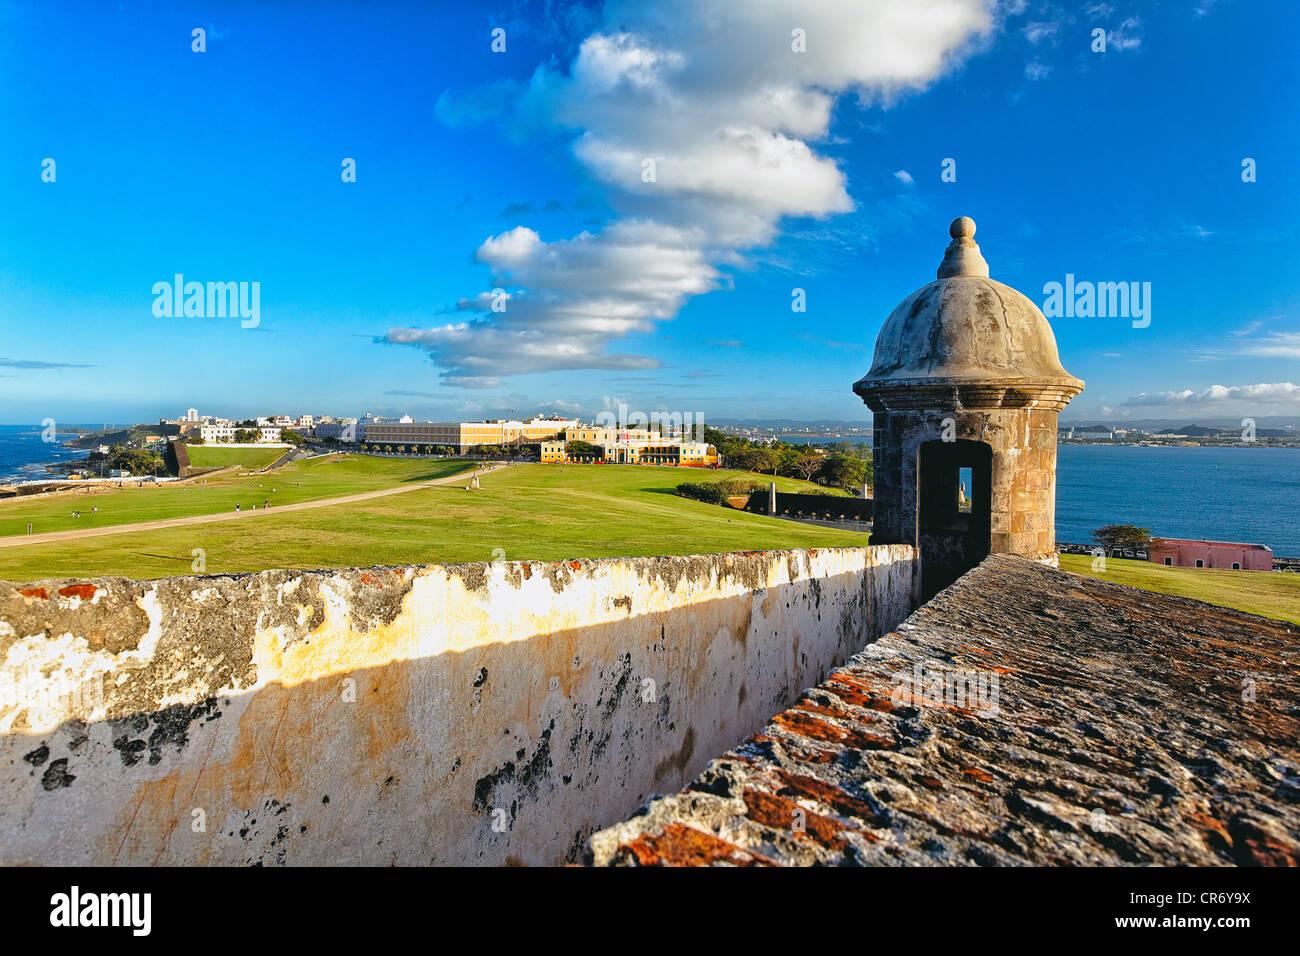 Vogelperspektive Blick auf die Altstadt San Juan von der Festung El Morro, Puerto Rico Stockbild